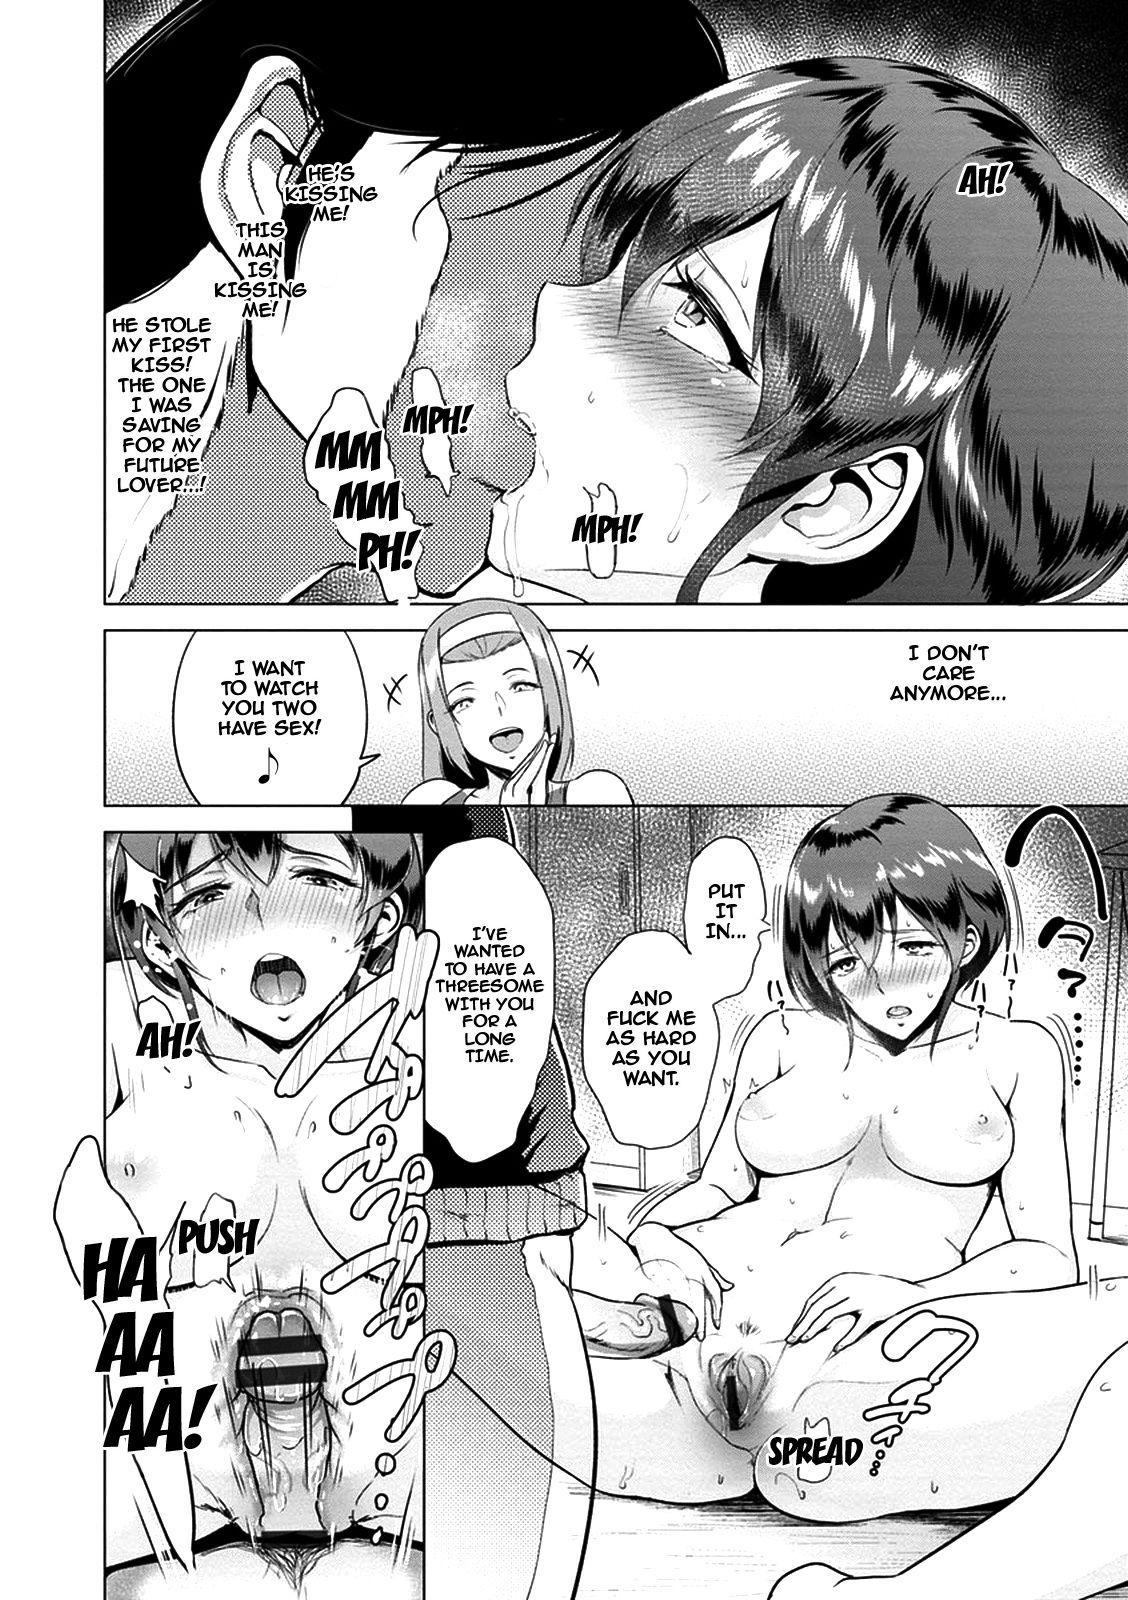 [bifidus] Rikujoubu Ran-chan no Yuuutsu | Ran-chan's Melancholy (Kimi o Sasou Uzuki Ana) [English] {doujins.com} [Digital] 11